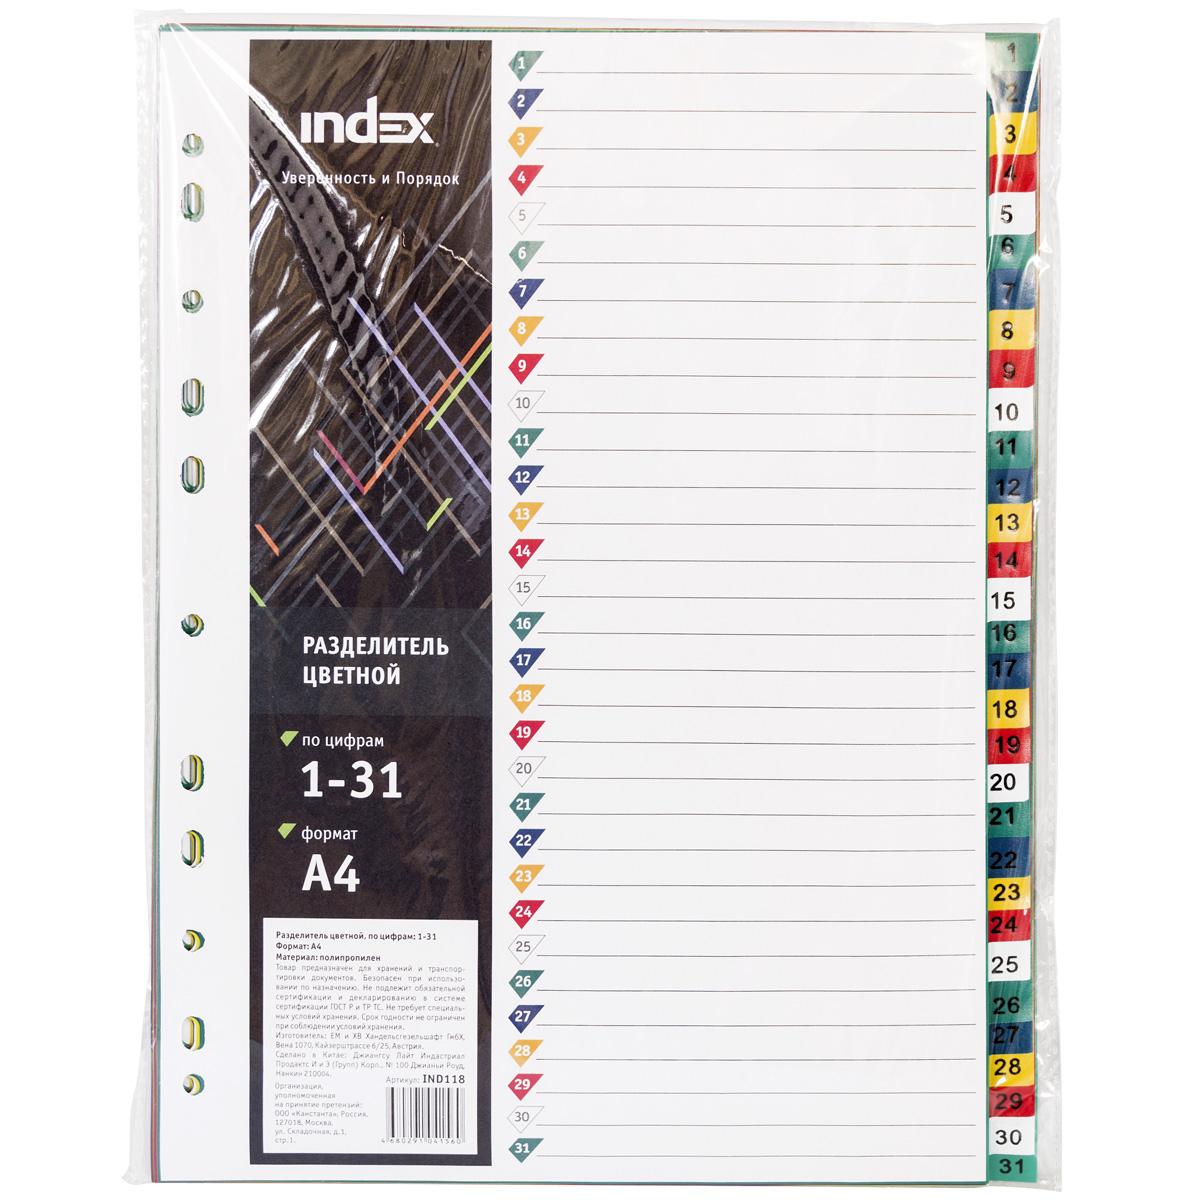 Index Разделитель цифровой 1-31 А4 -  Файлы и разделители